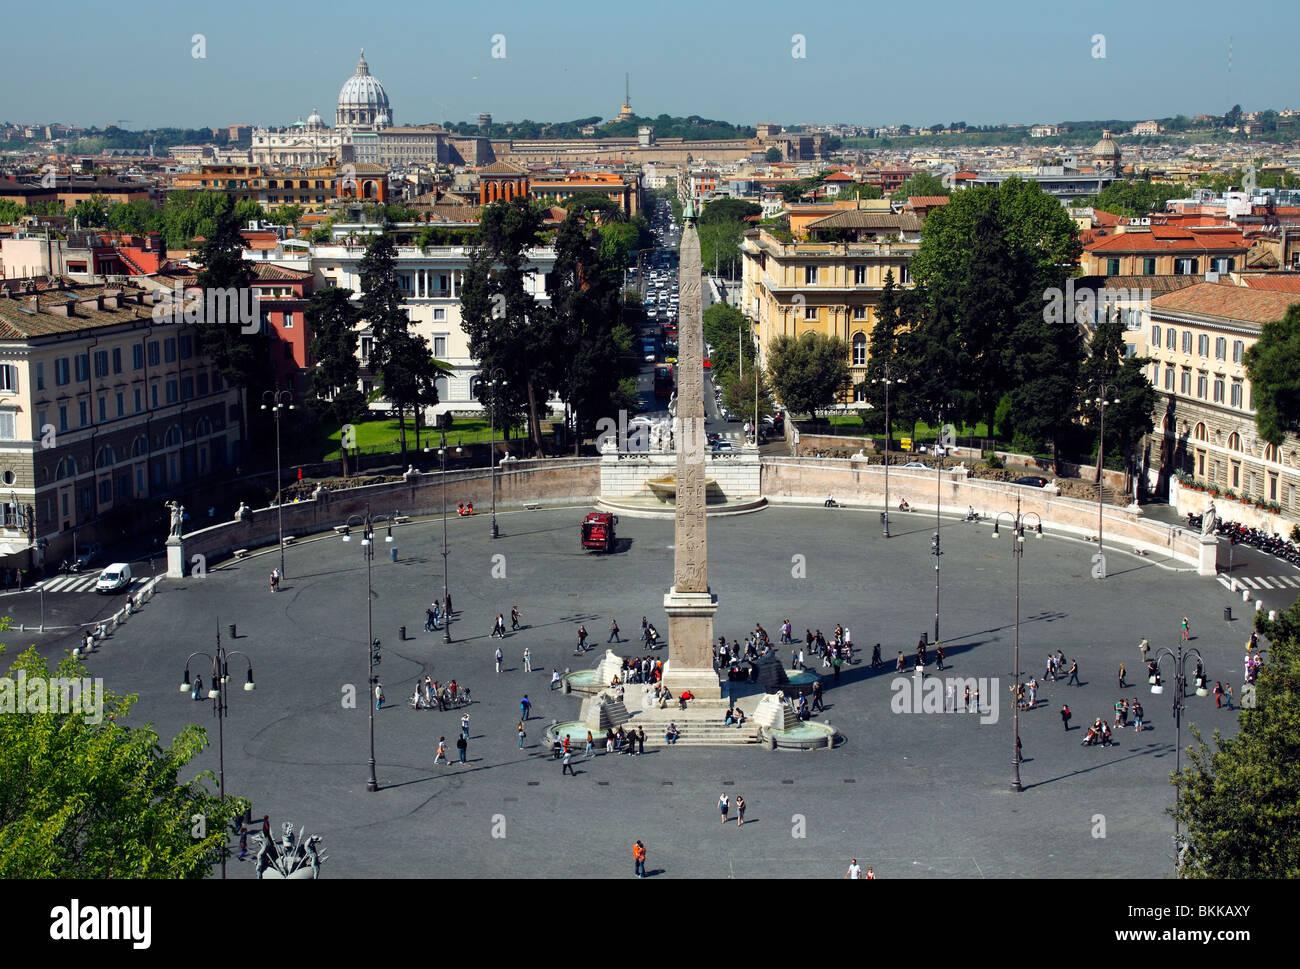 Una Vista Di Piazza Del Popolo Come Visto Dalla Terrazza Del